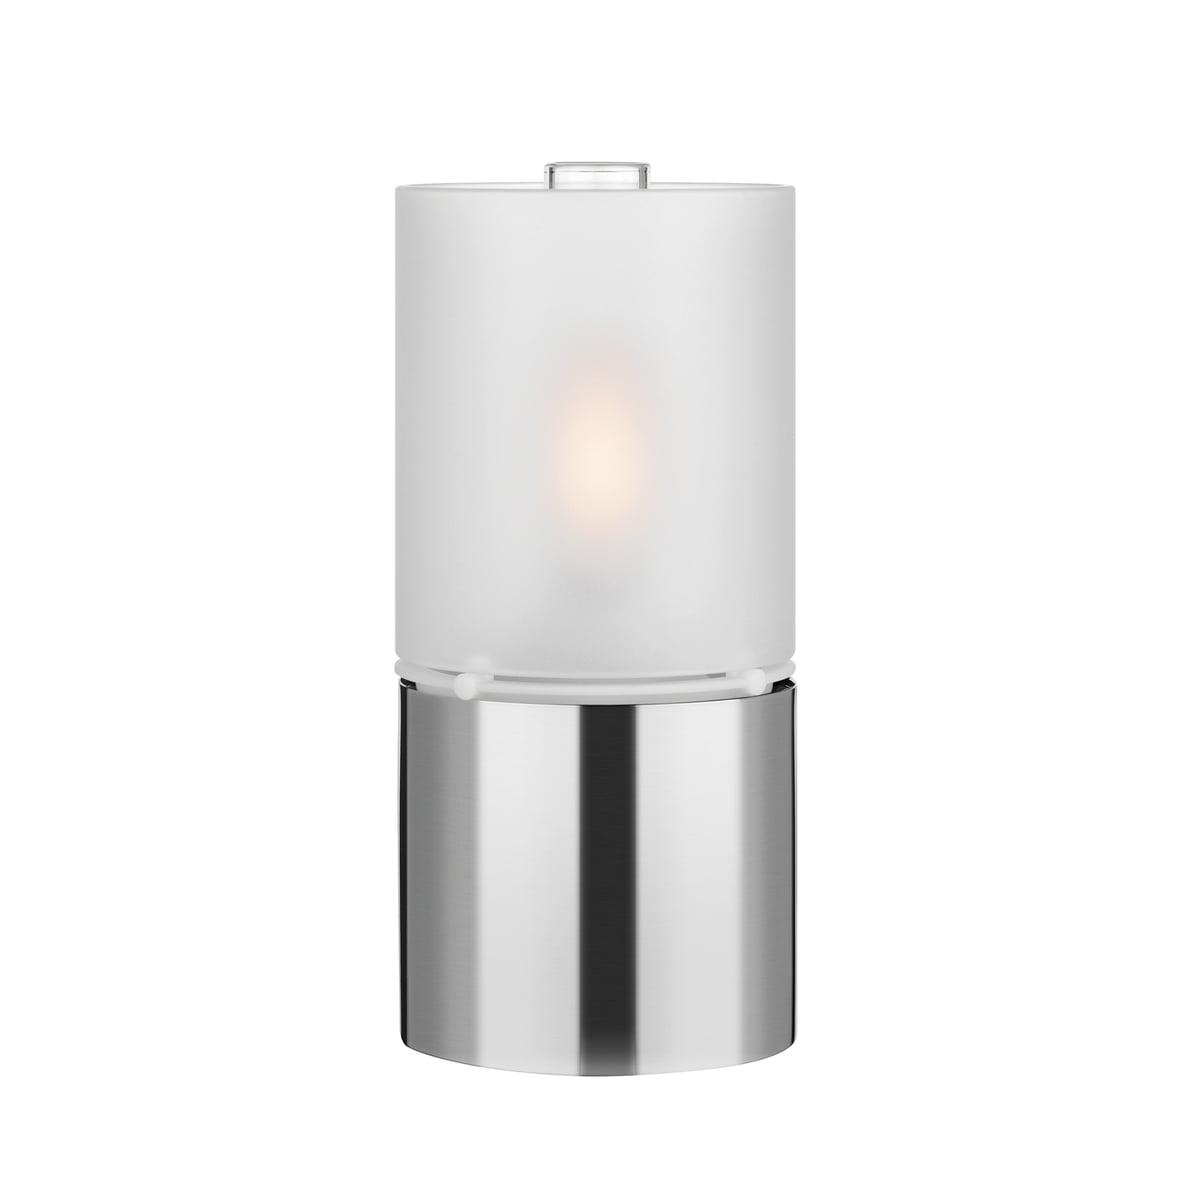 Öllampe 1006 mit Glasschirm, satiniert